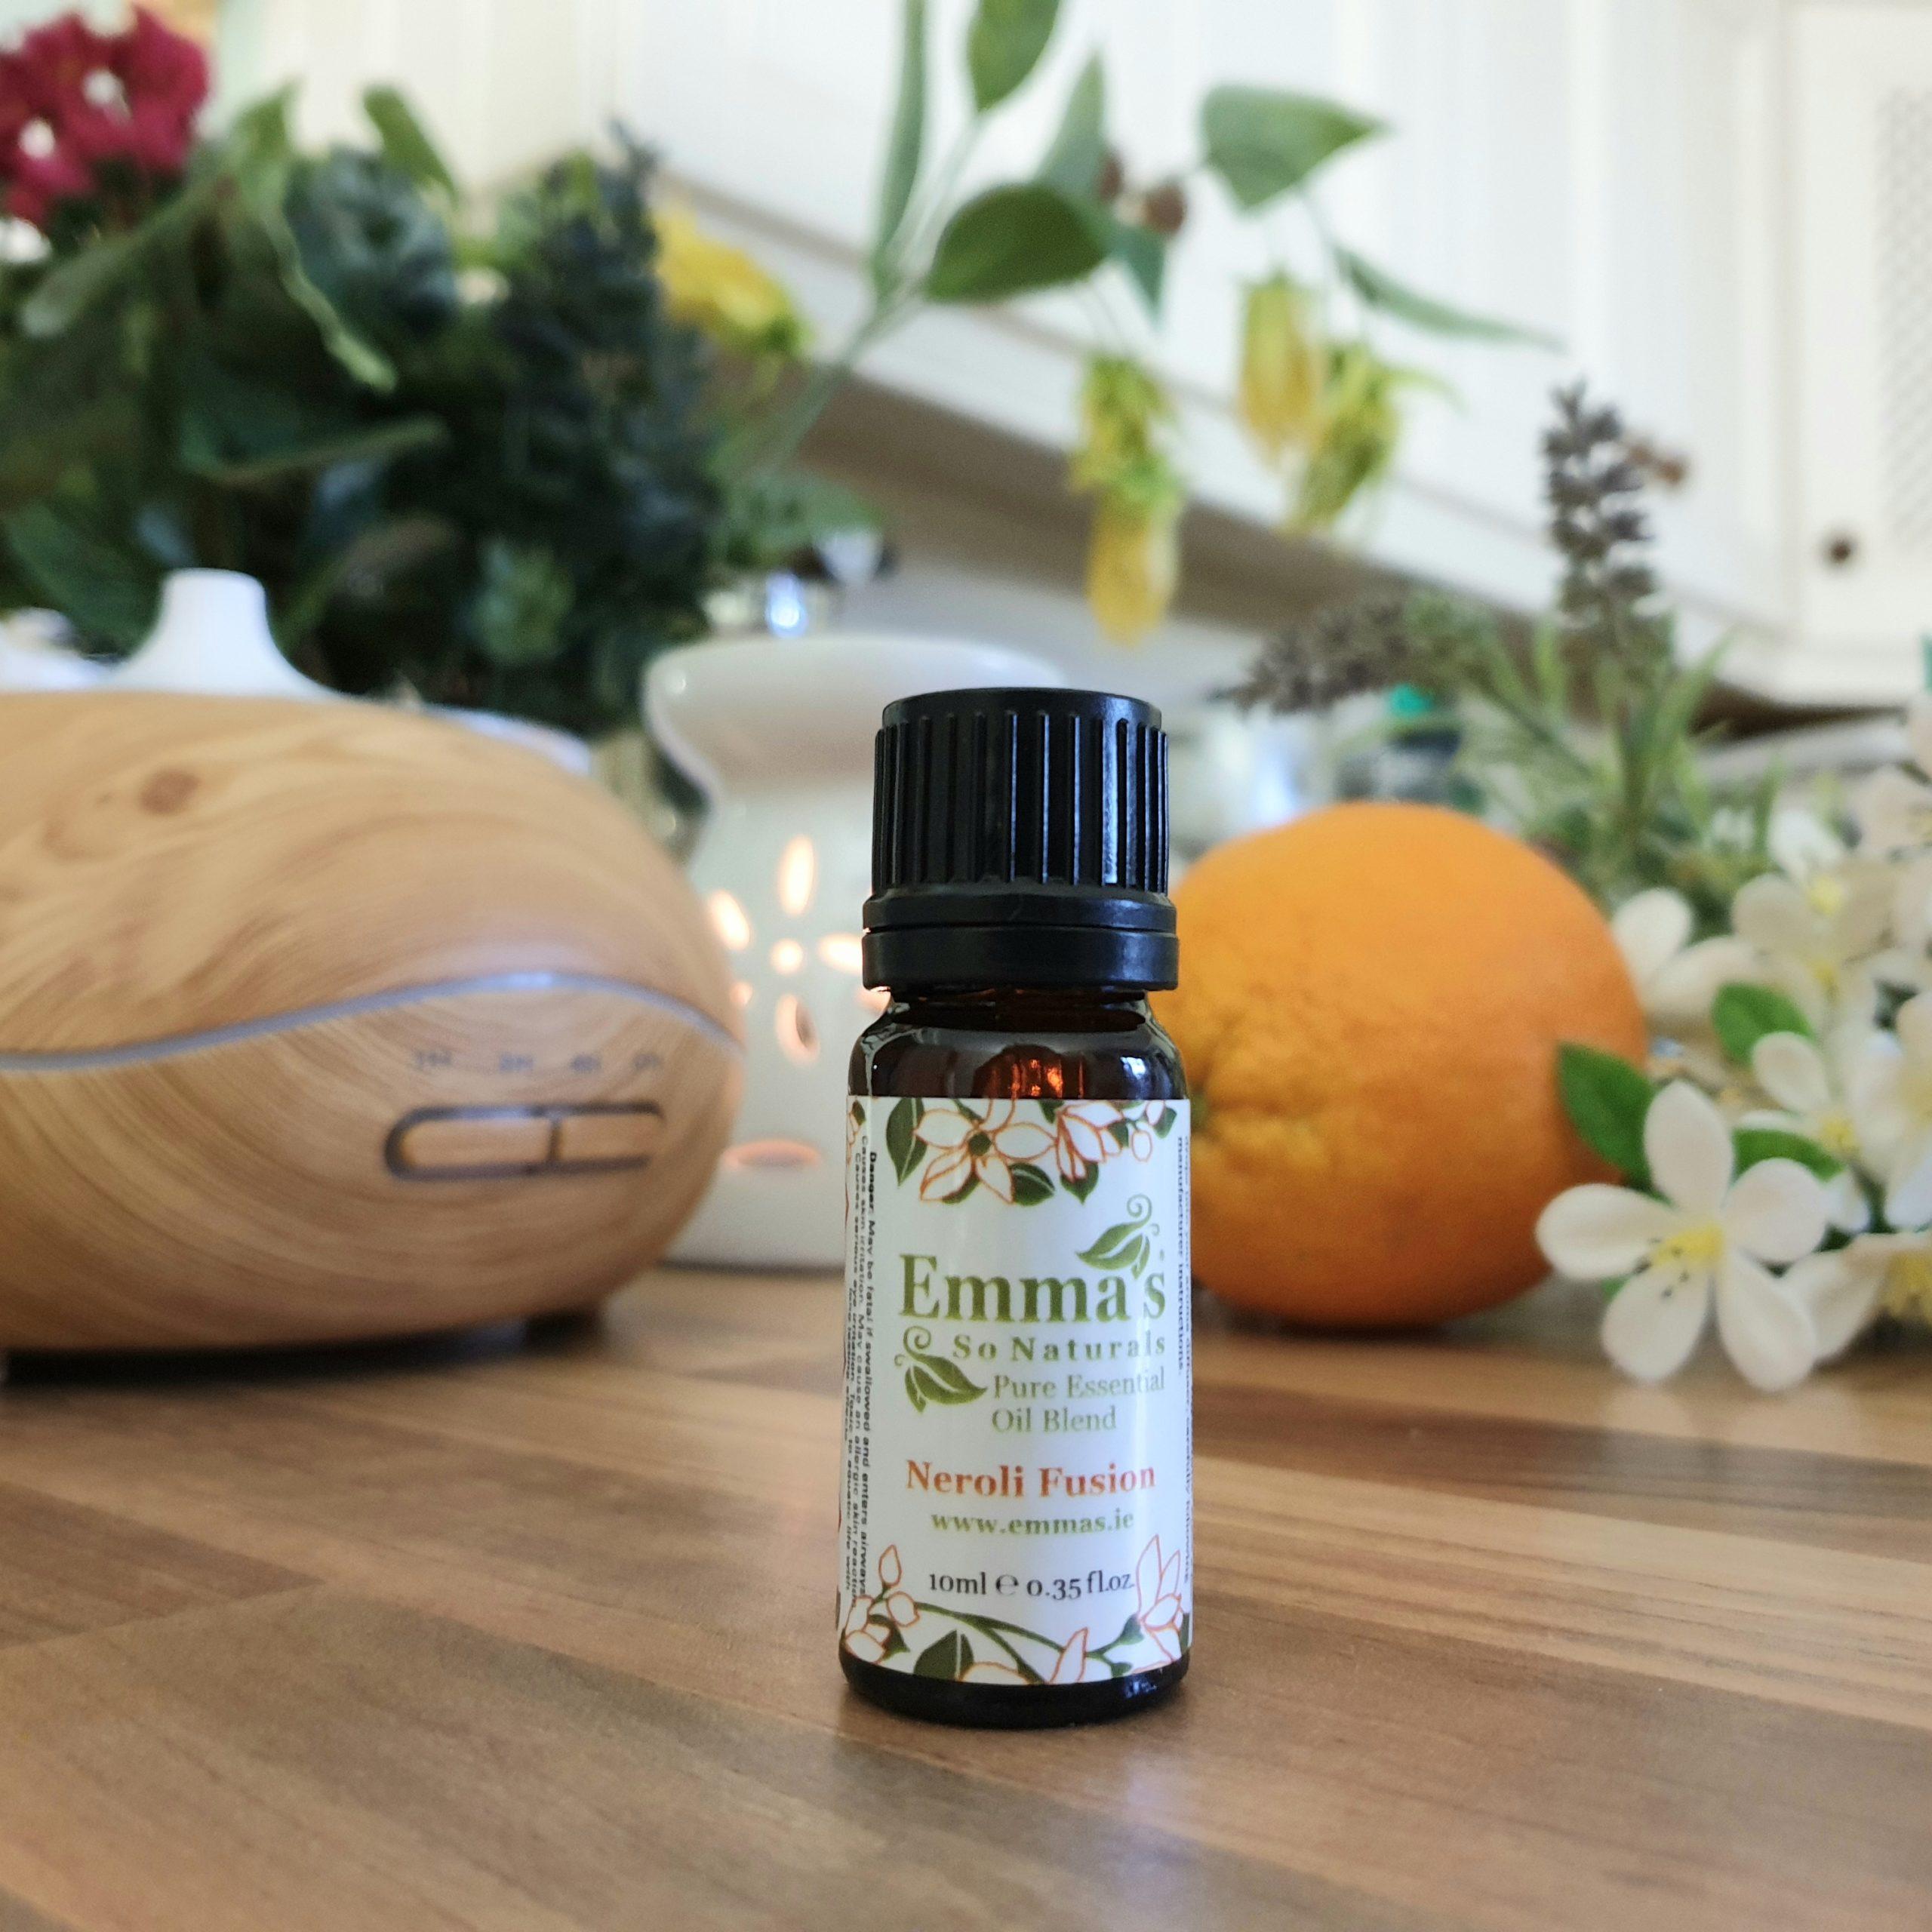 Emma's So Naturals Neroli Fusion Oil